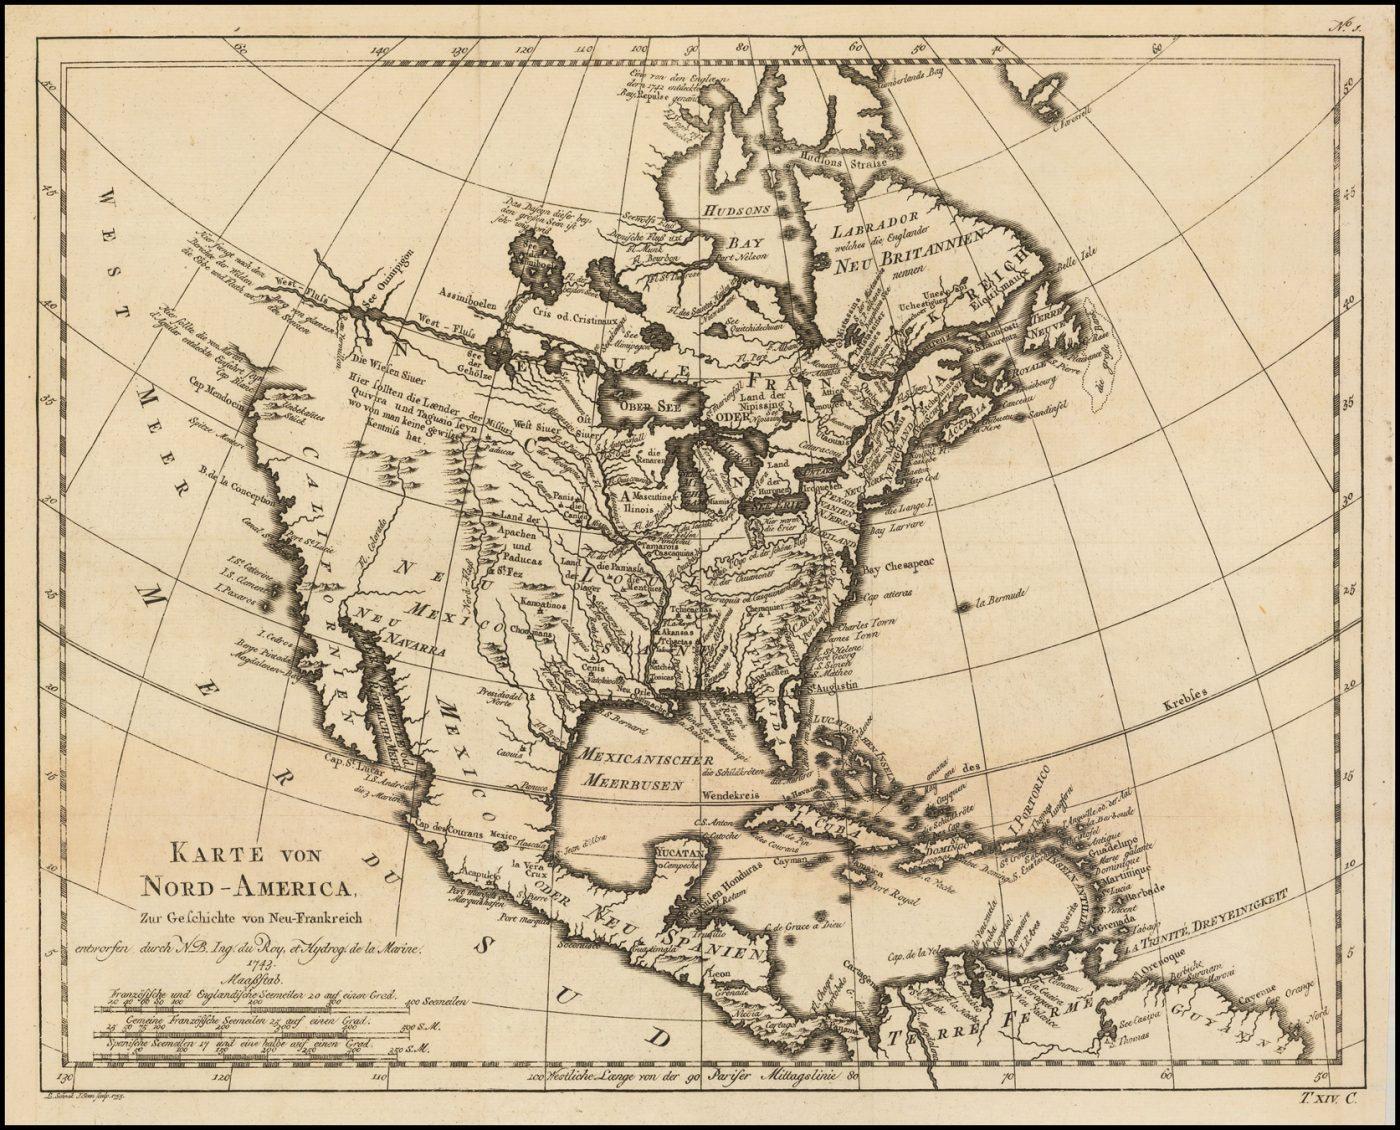 Лейпцигское издание карты Северной Америки Николя Беллина, впервые опубликованной в 1743 году